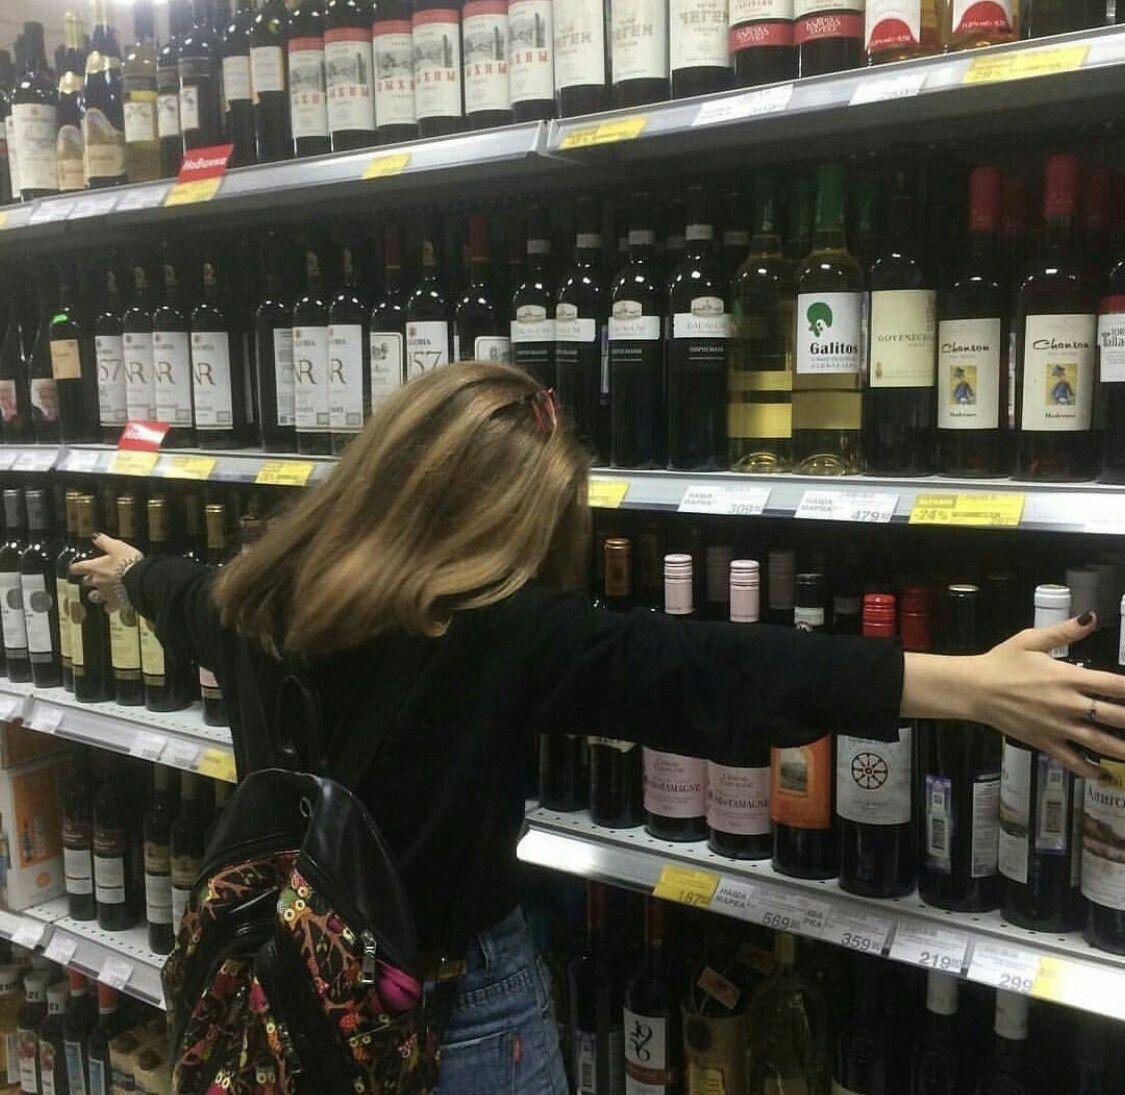 идея фото с алкоголем следующем